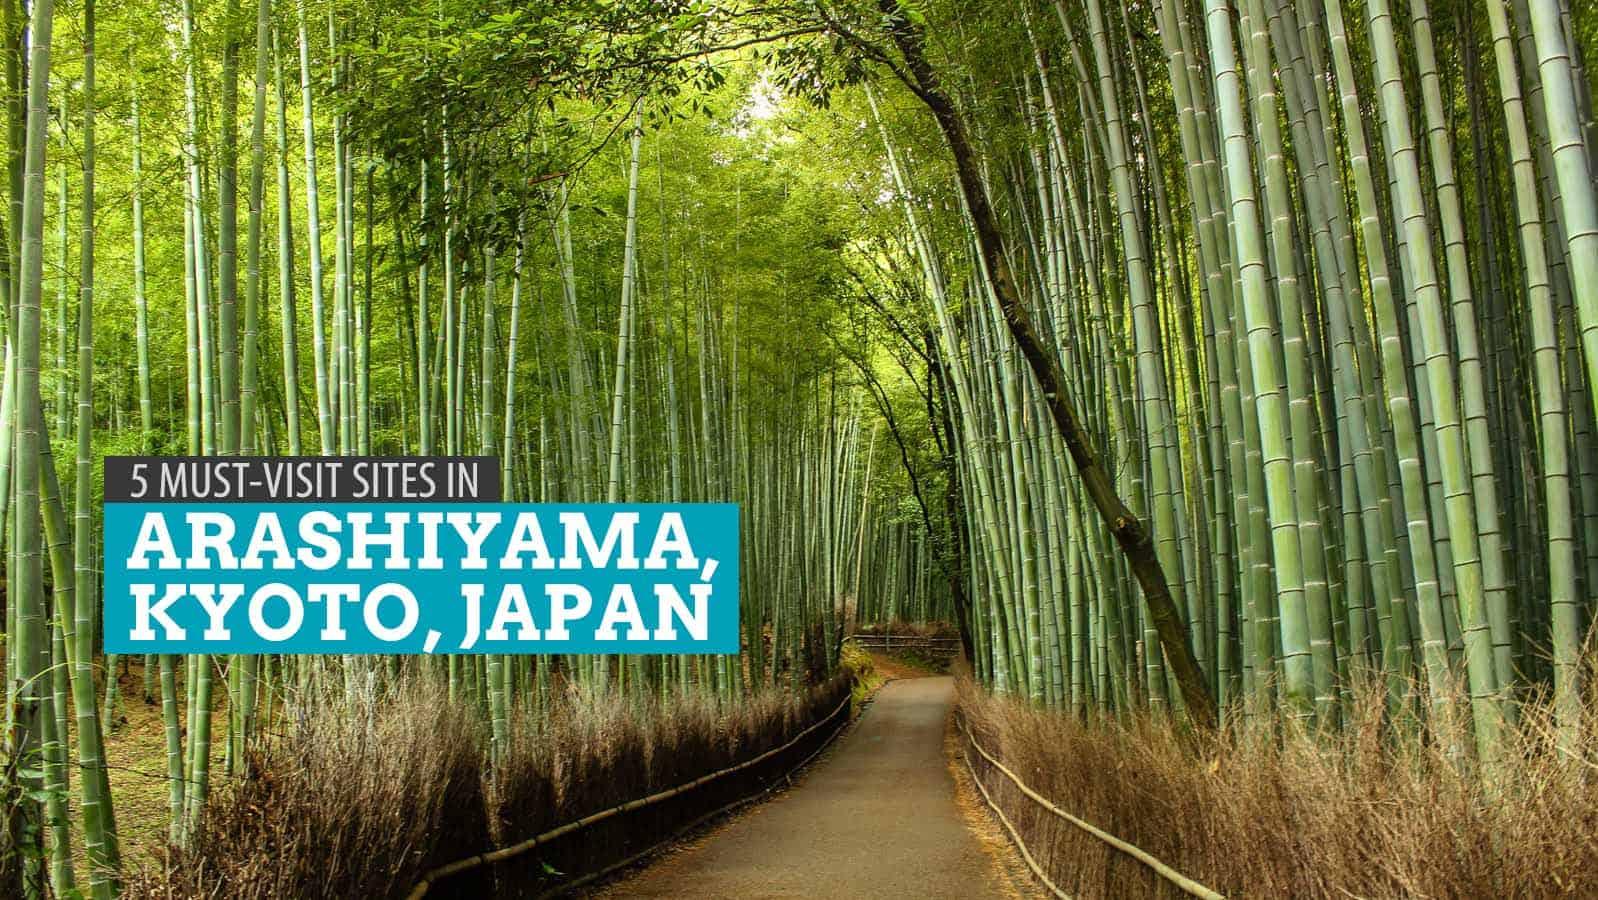 岚山,京都。DIY徒步旅行 | 穷游者的行程安排博客